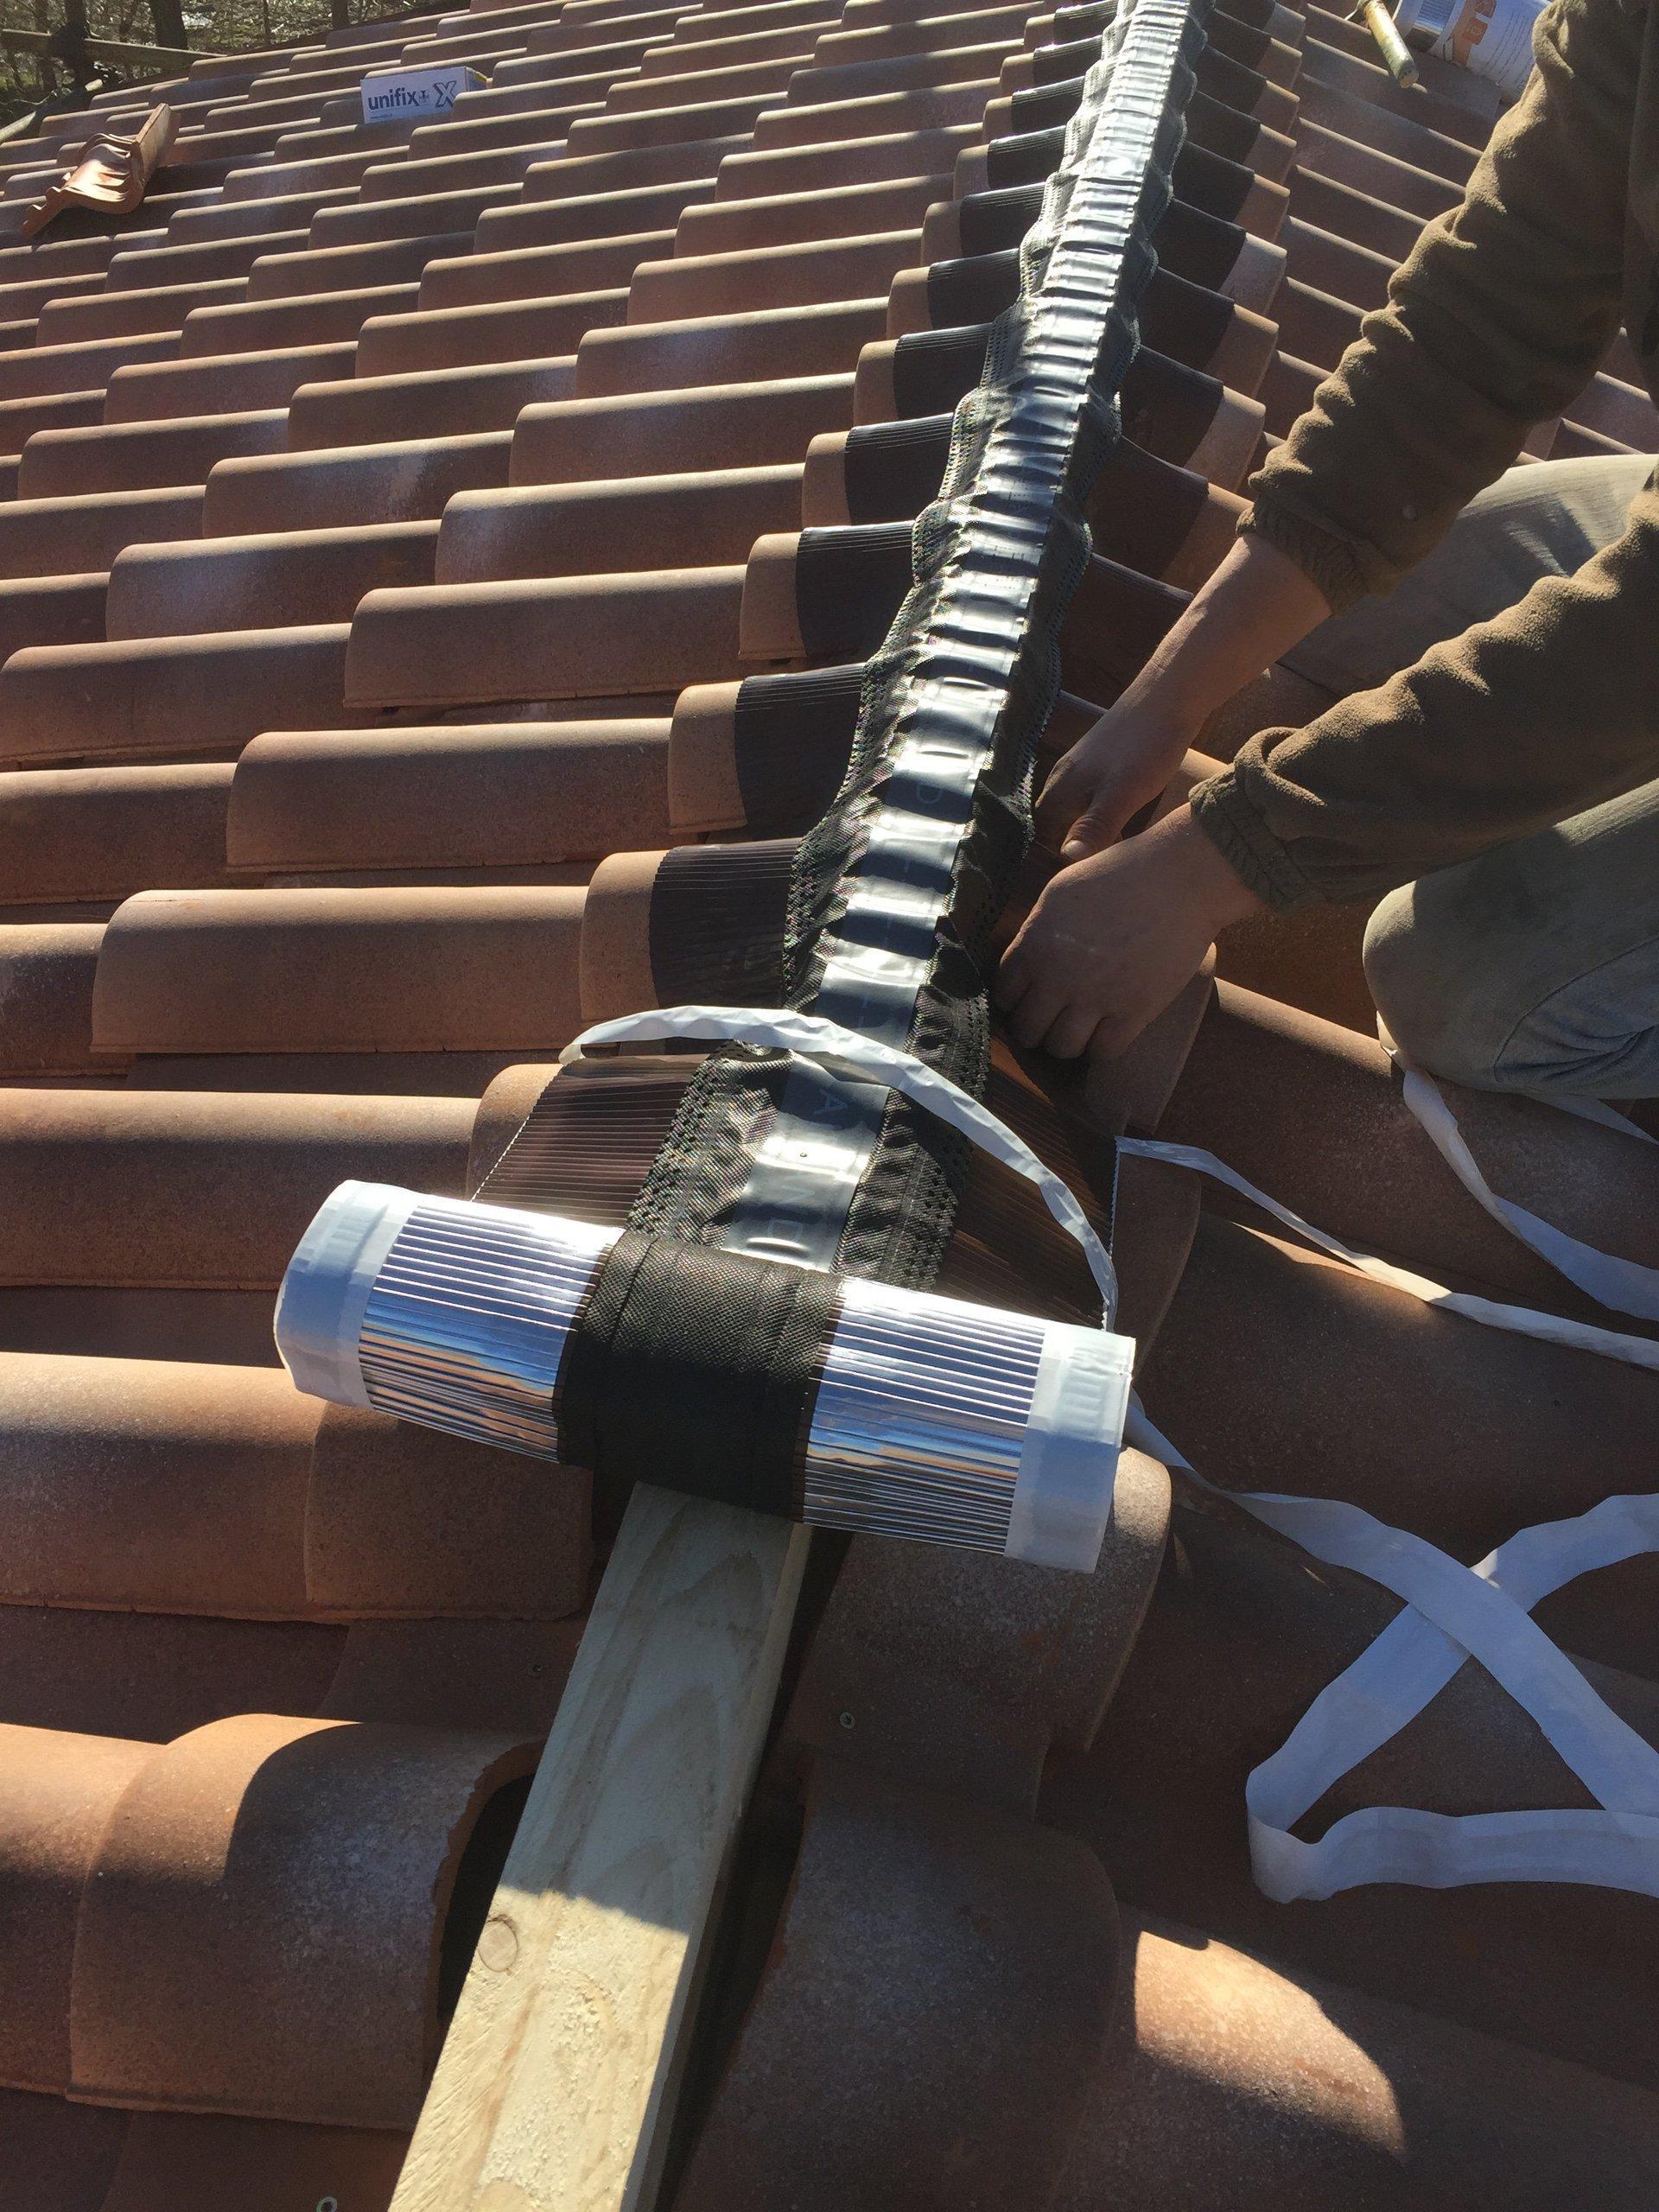 operaio mentre assicura delle linee vita sul tetto